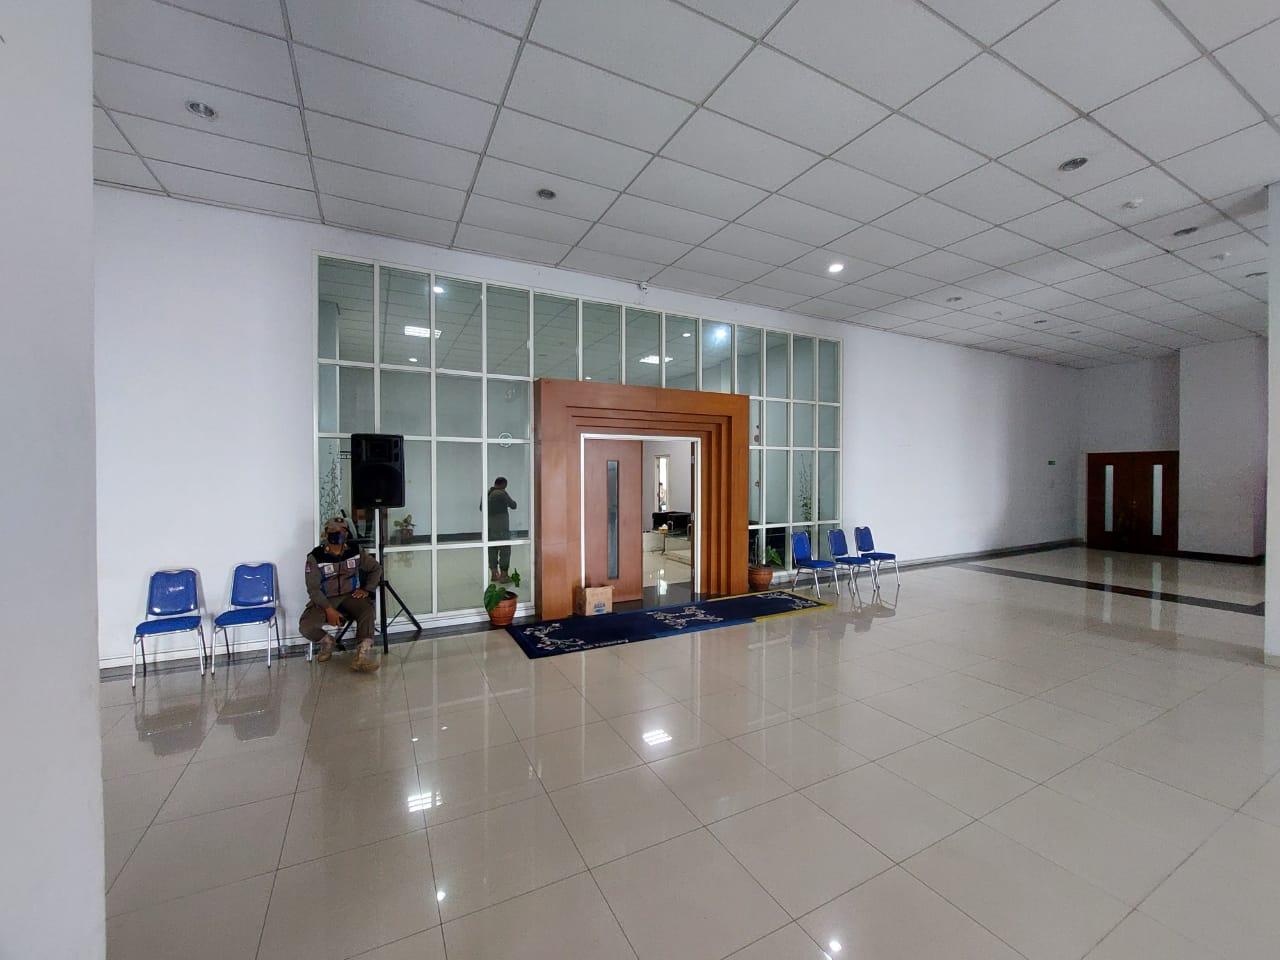 Petugas Satpol PP berjaga di ruangan Wakil Bupati Bandung Barat saat pemeriksaan oleh penyidik KPK.